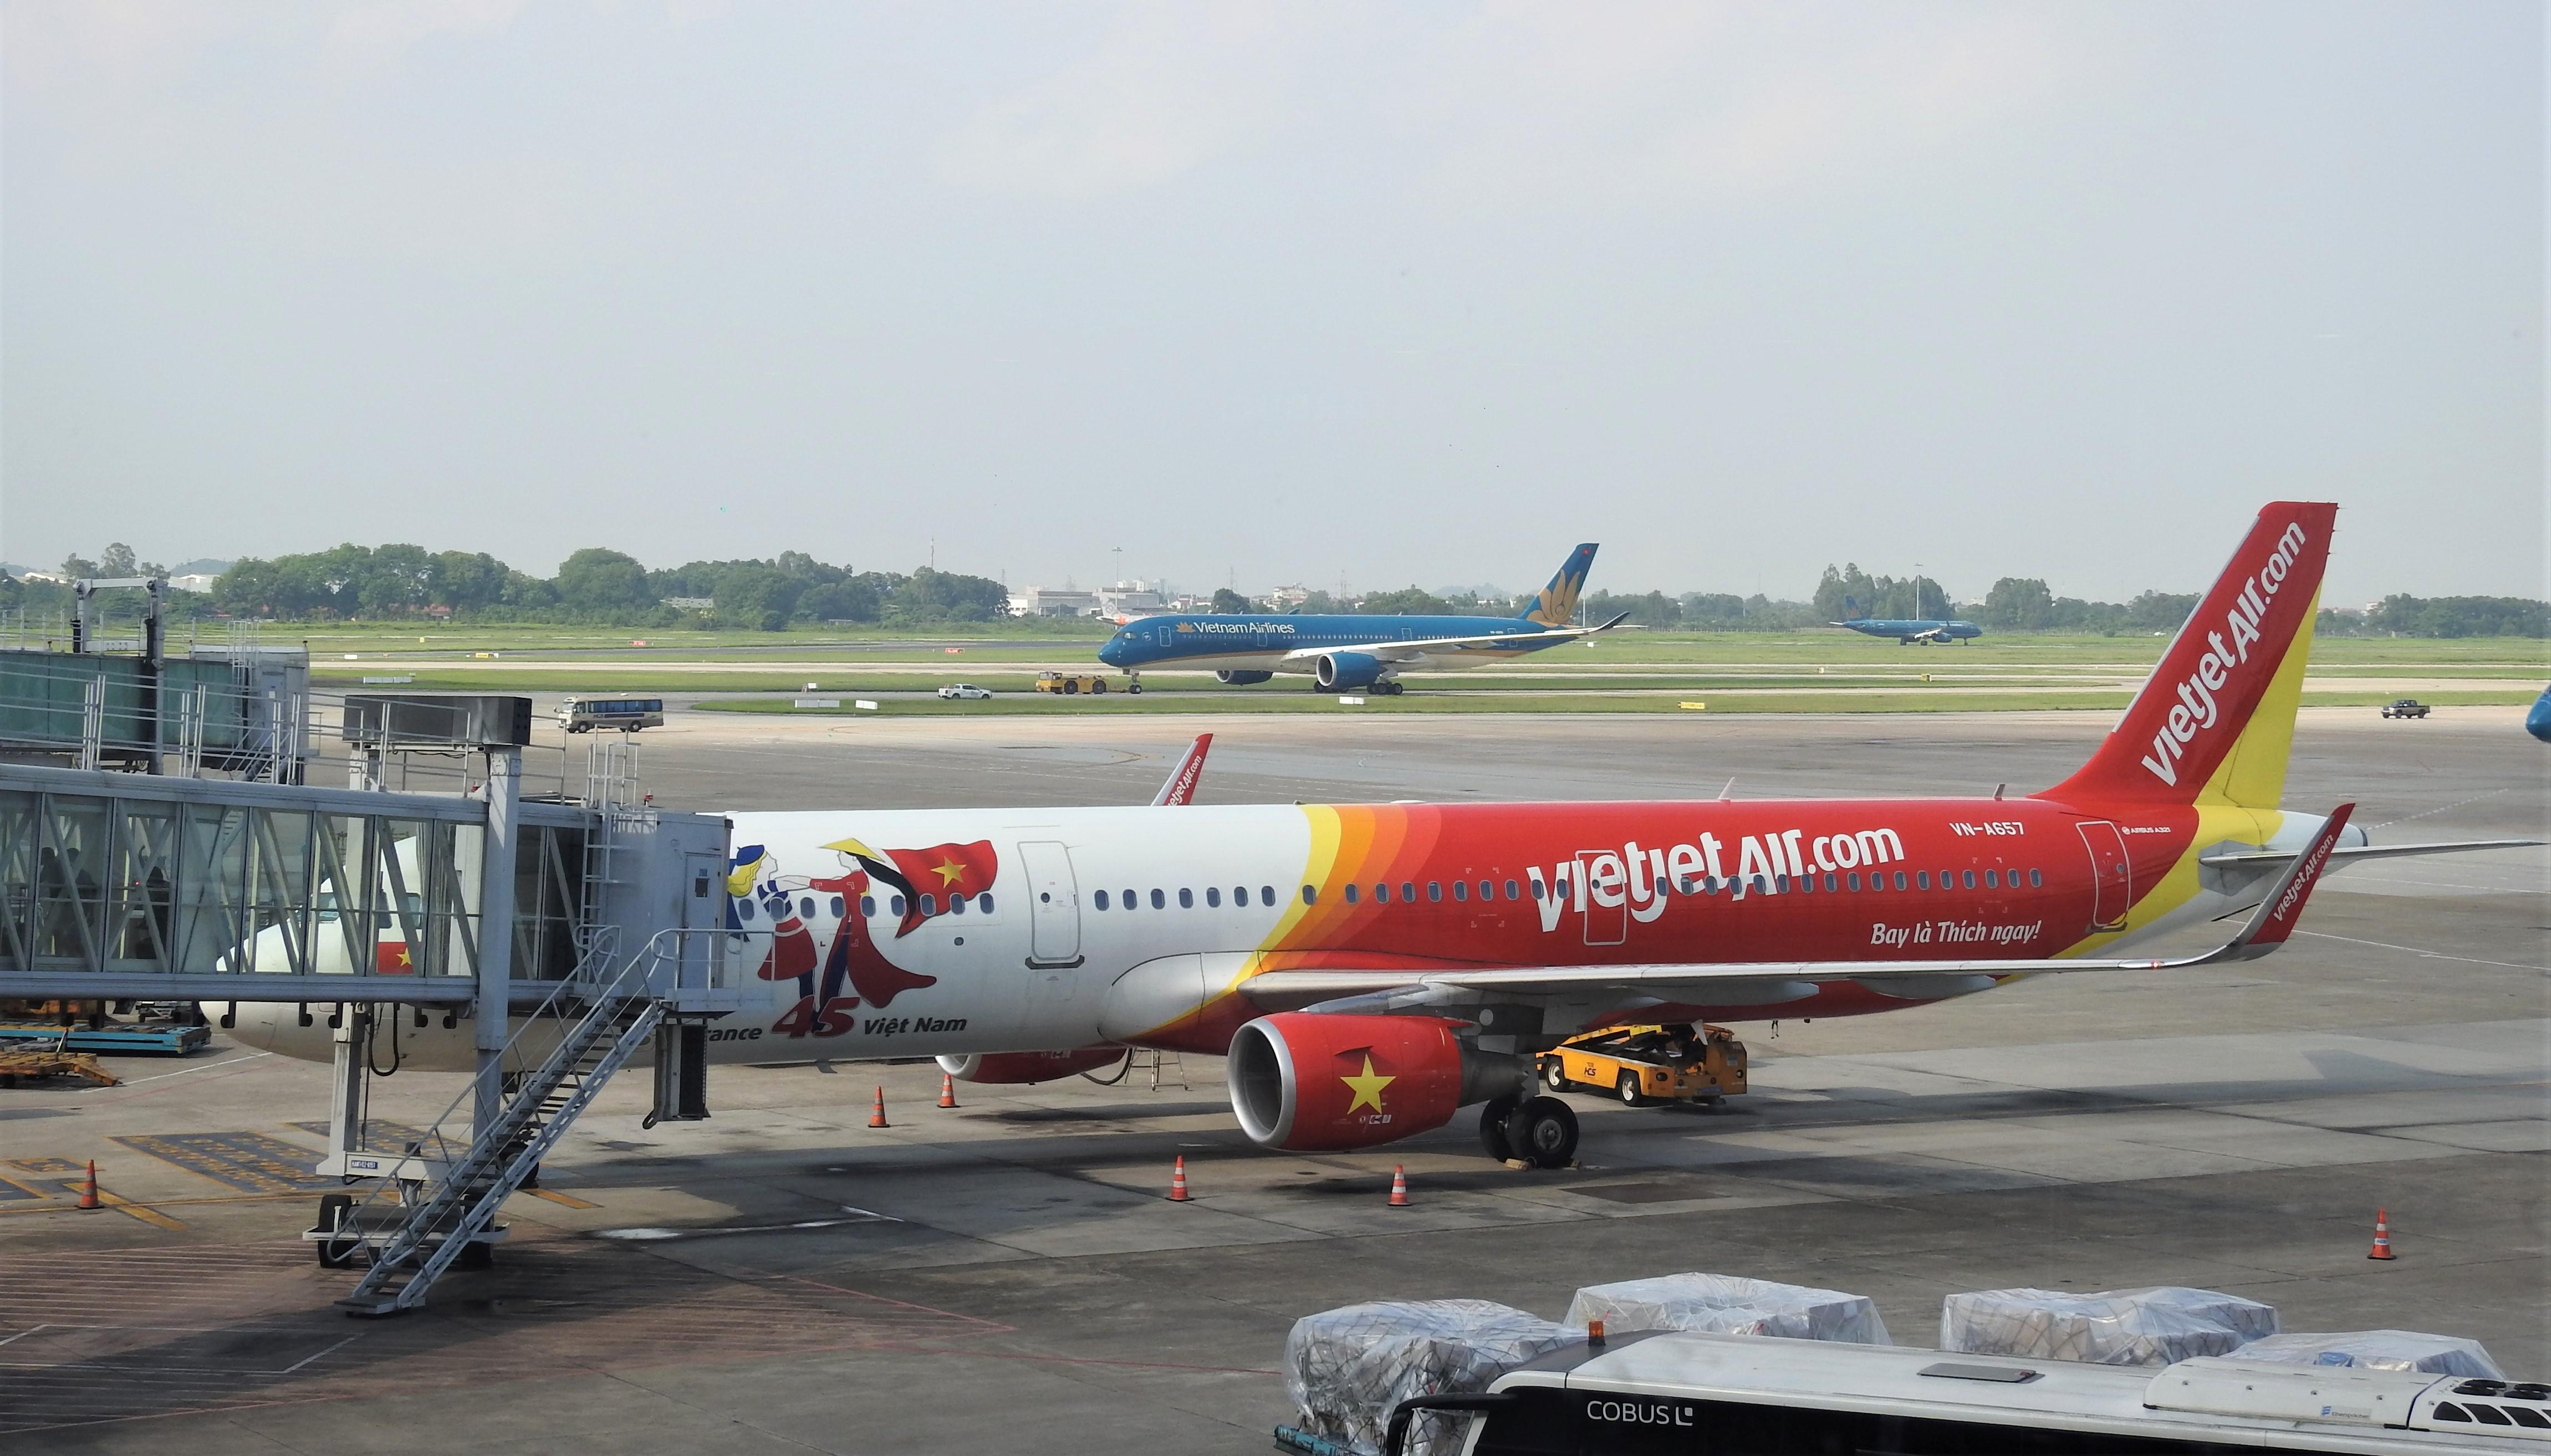 Vietjet đặt cọc hơn 7.700 tỷ để mua tàu bay - Ảnh 1.